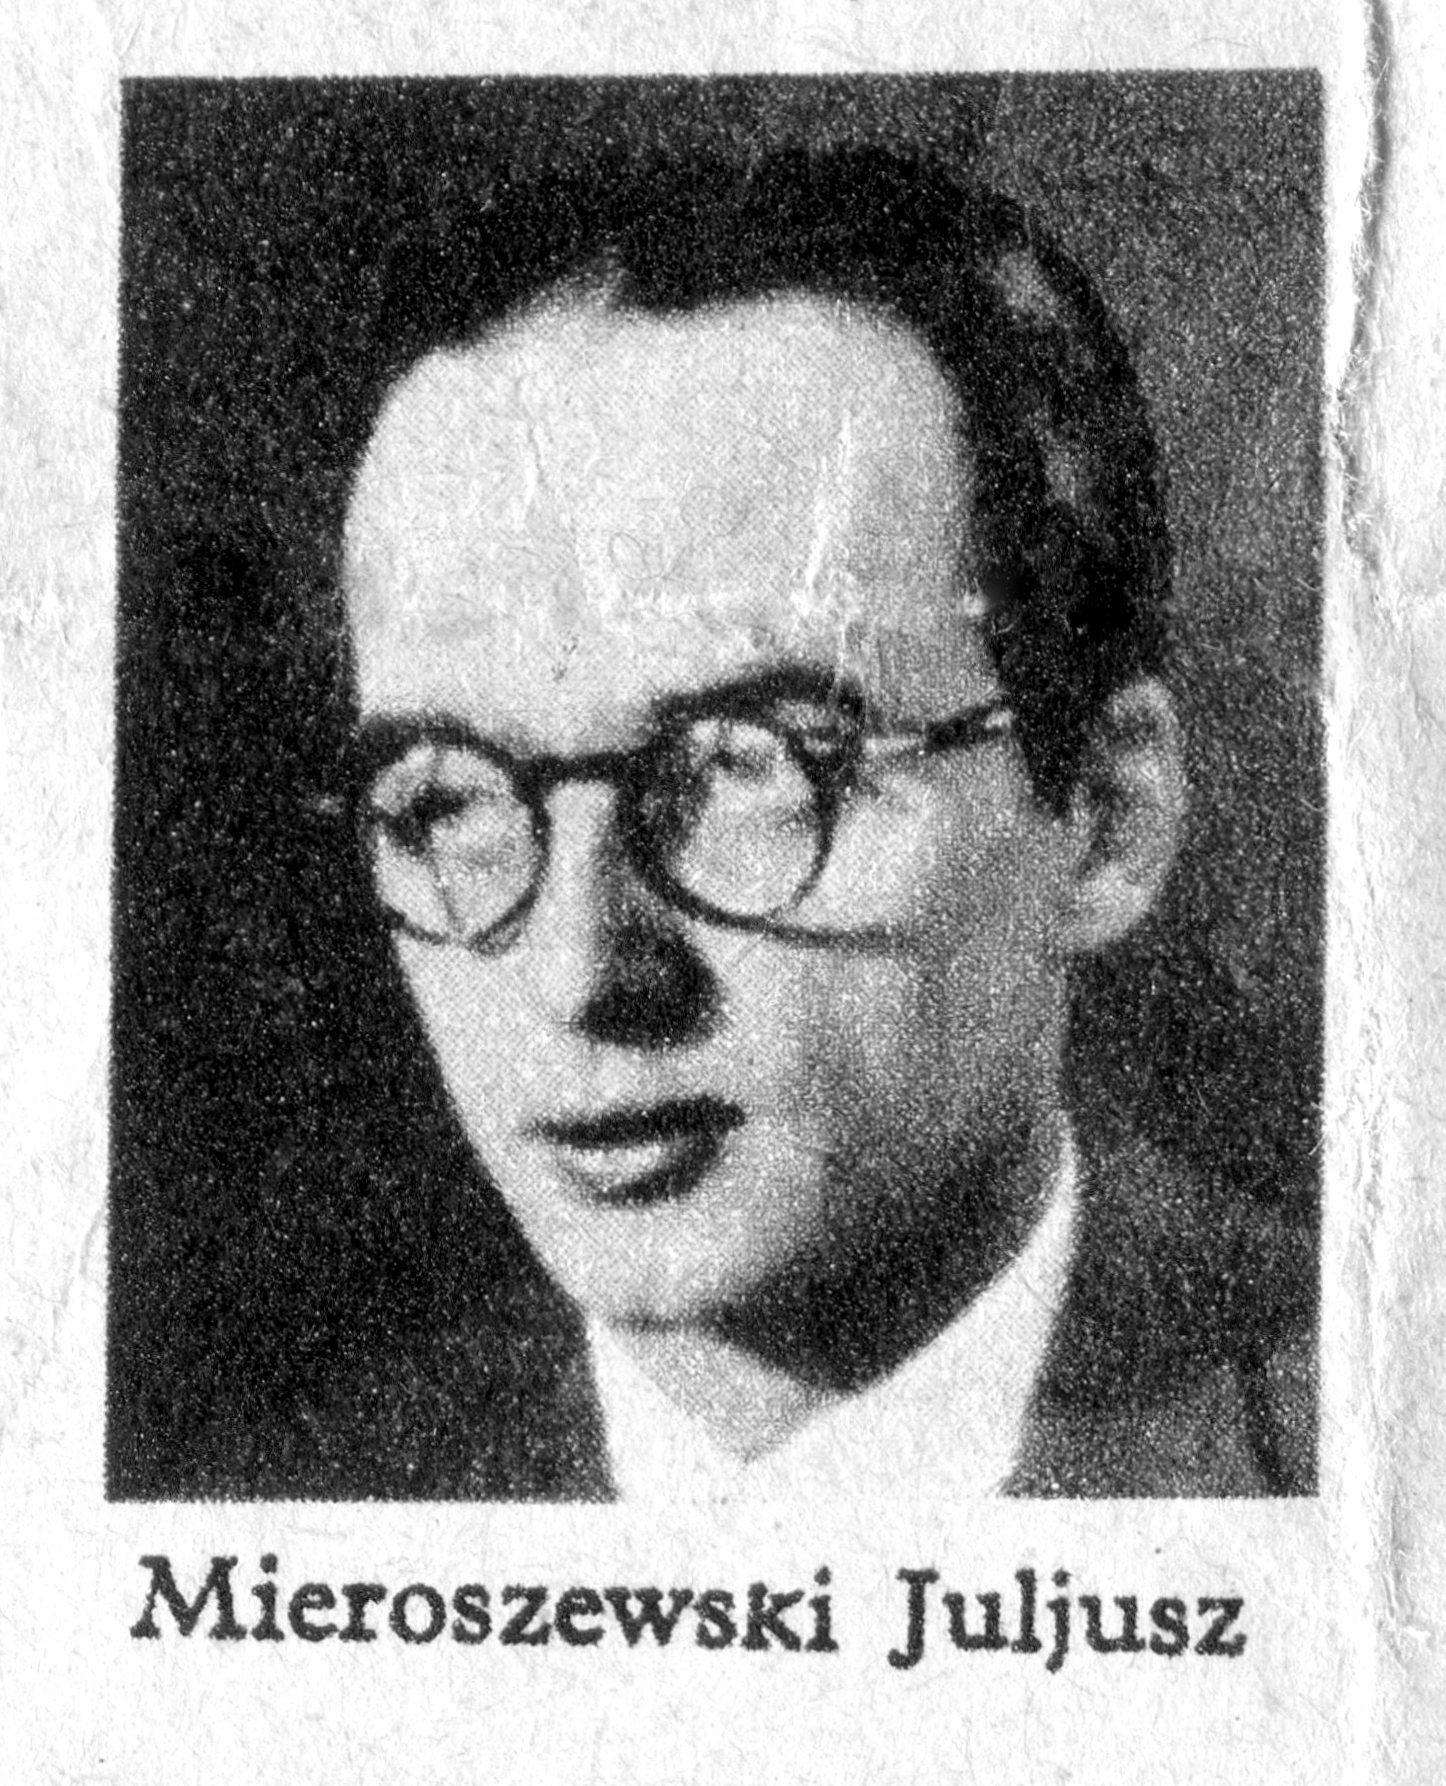 <div class='inner-box'><div class='close-desc'></div><span class='opis'>Fotografia Juliusza Mieroszewskiego zamieszczona w Ilustrowanym Kurierze Codziennym (I.K.C.) prawdopodobnie w numerze jubileuszowym pisma, w grudniu 1935 r.</span><div class='clearfix'></div><span>Sygn. sm00167</span><div class='clearfix'></div><span>© Instytut Literacki</span></div>